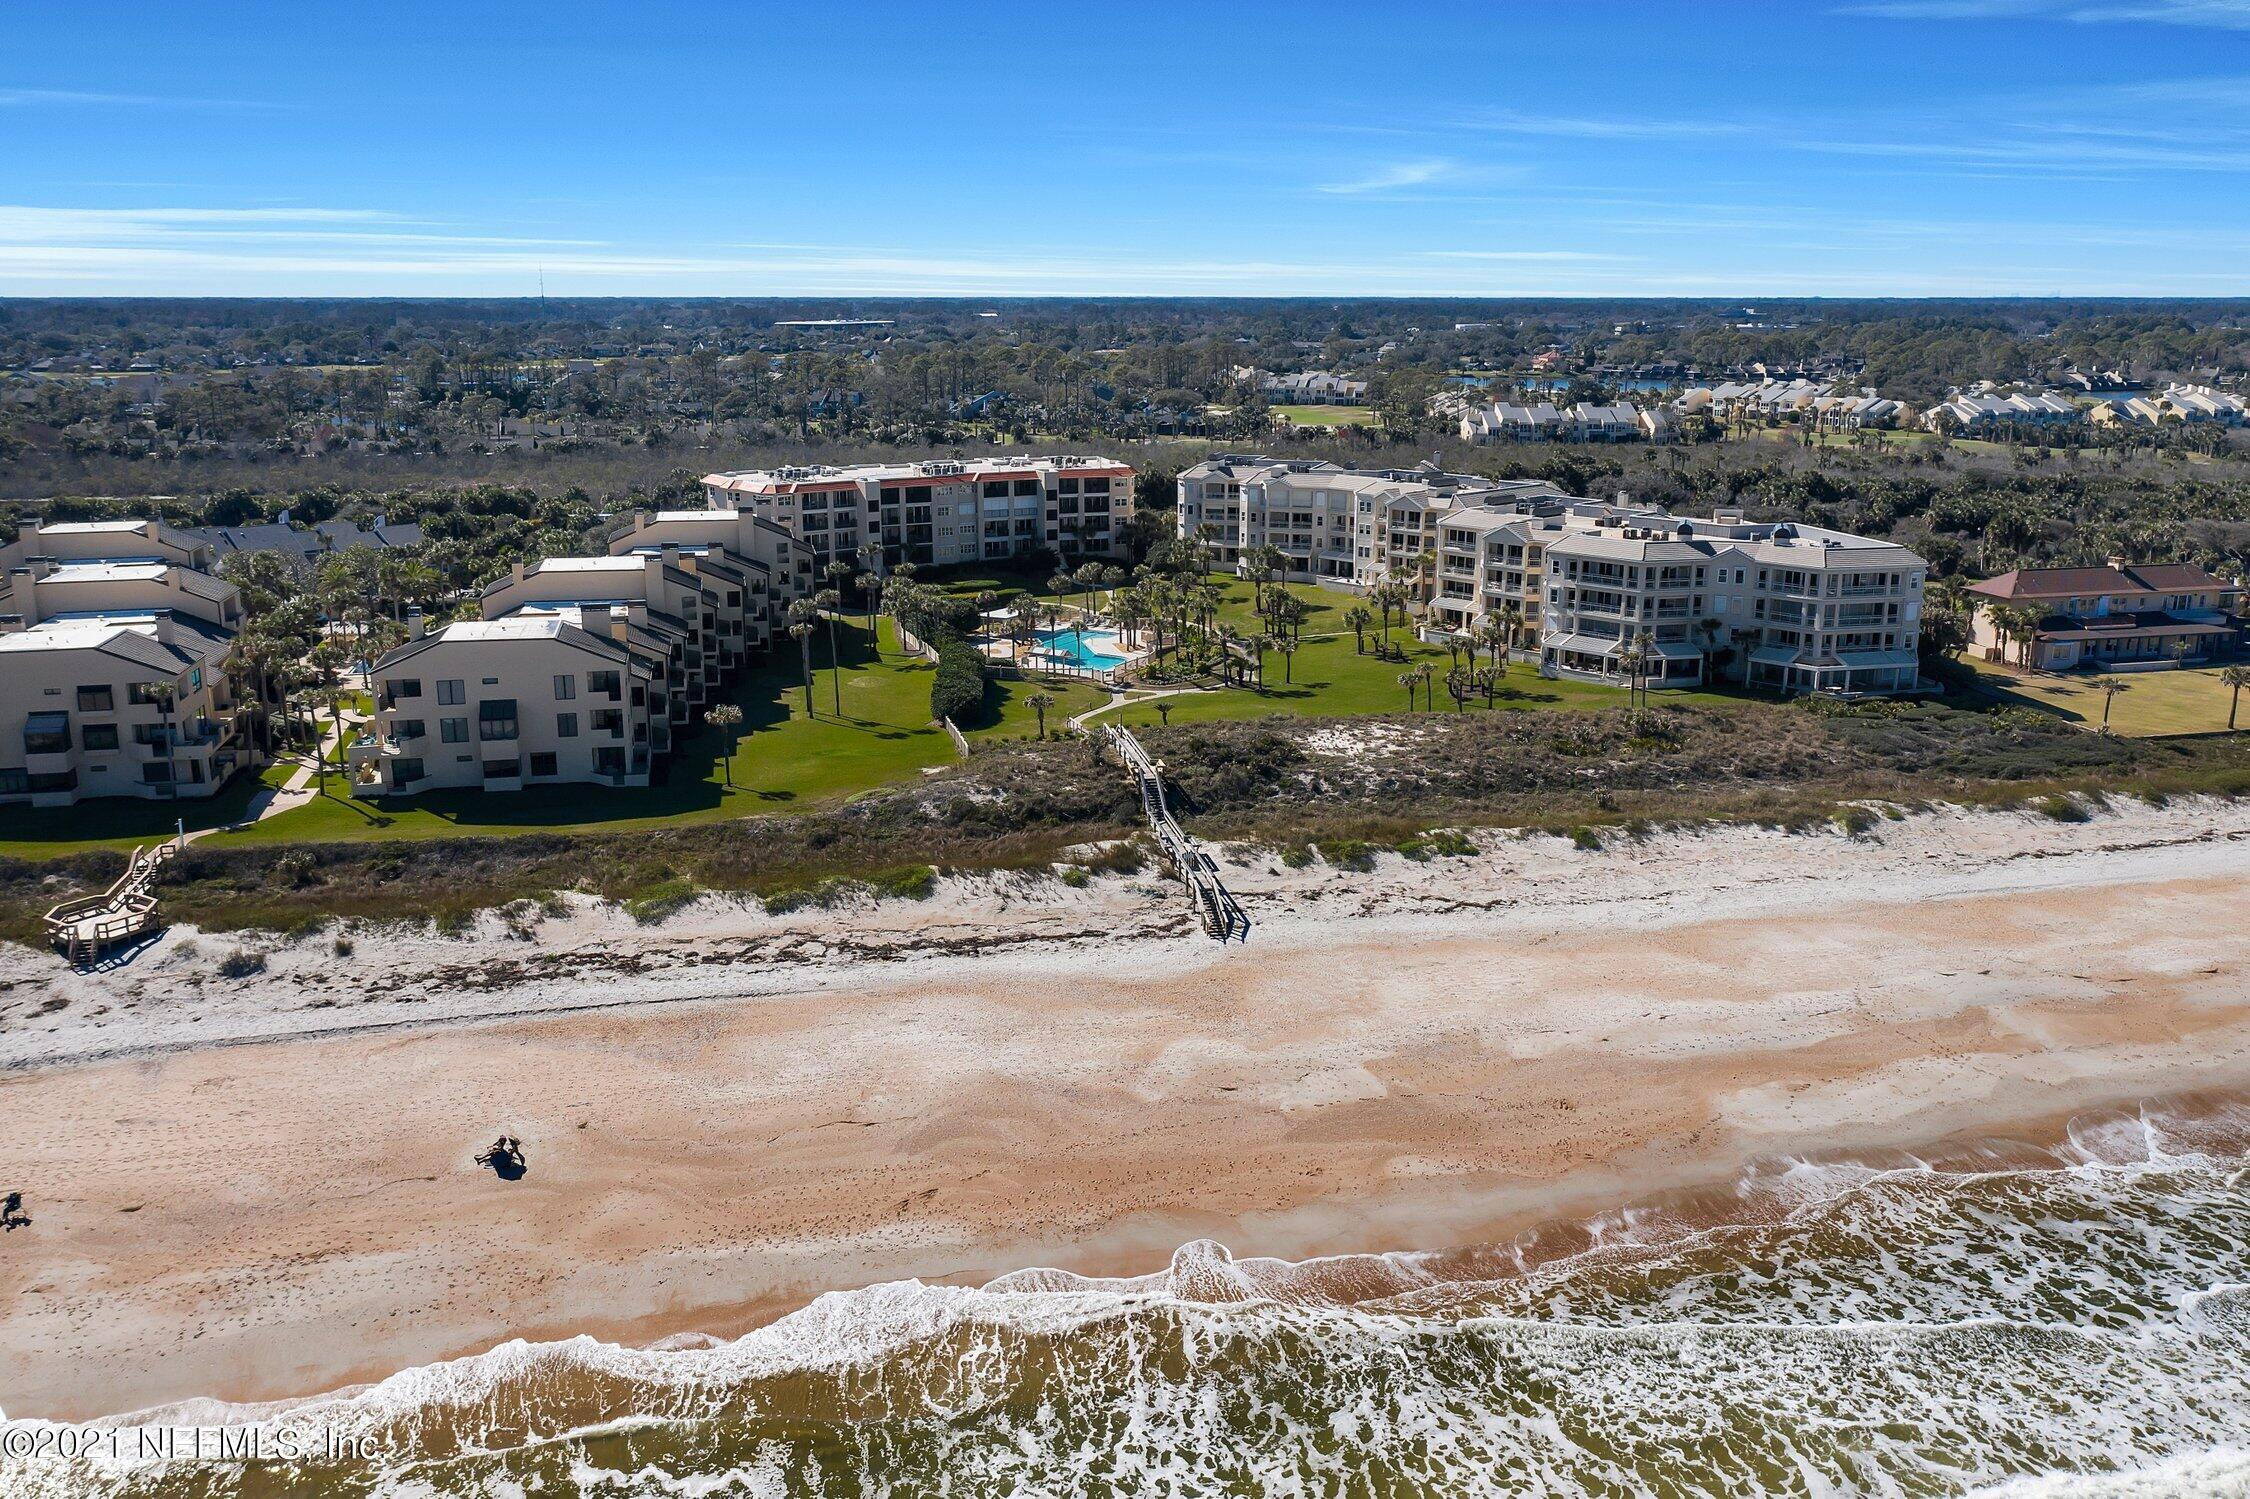 931 SPINNAKERS REACH, PONTE VEDRA BEACH, FLORIDA 32082, 3 Bedrooms Bedrooms, ,3 BathroomsBathrooms,Residential,For sale,SPINNAKERS REACH,1096652